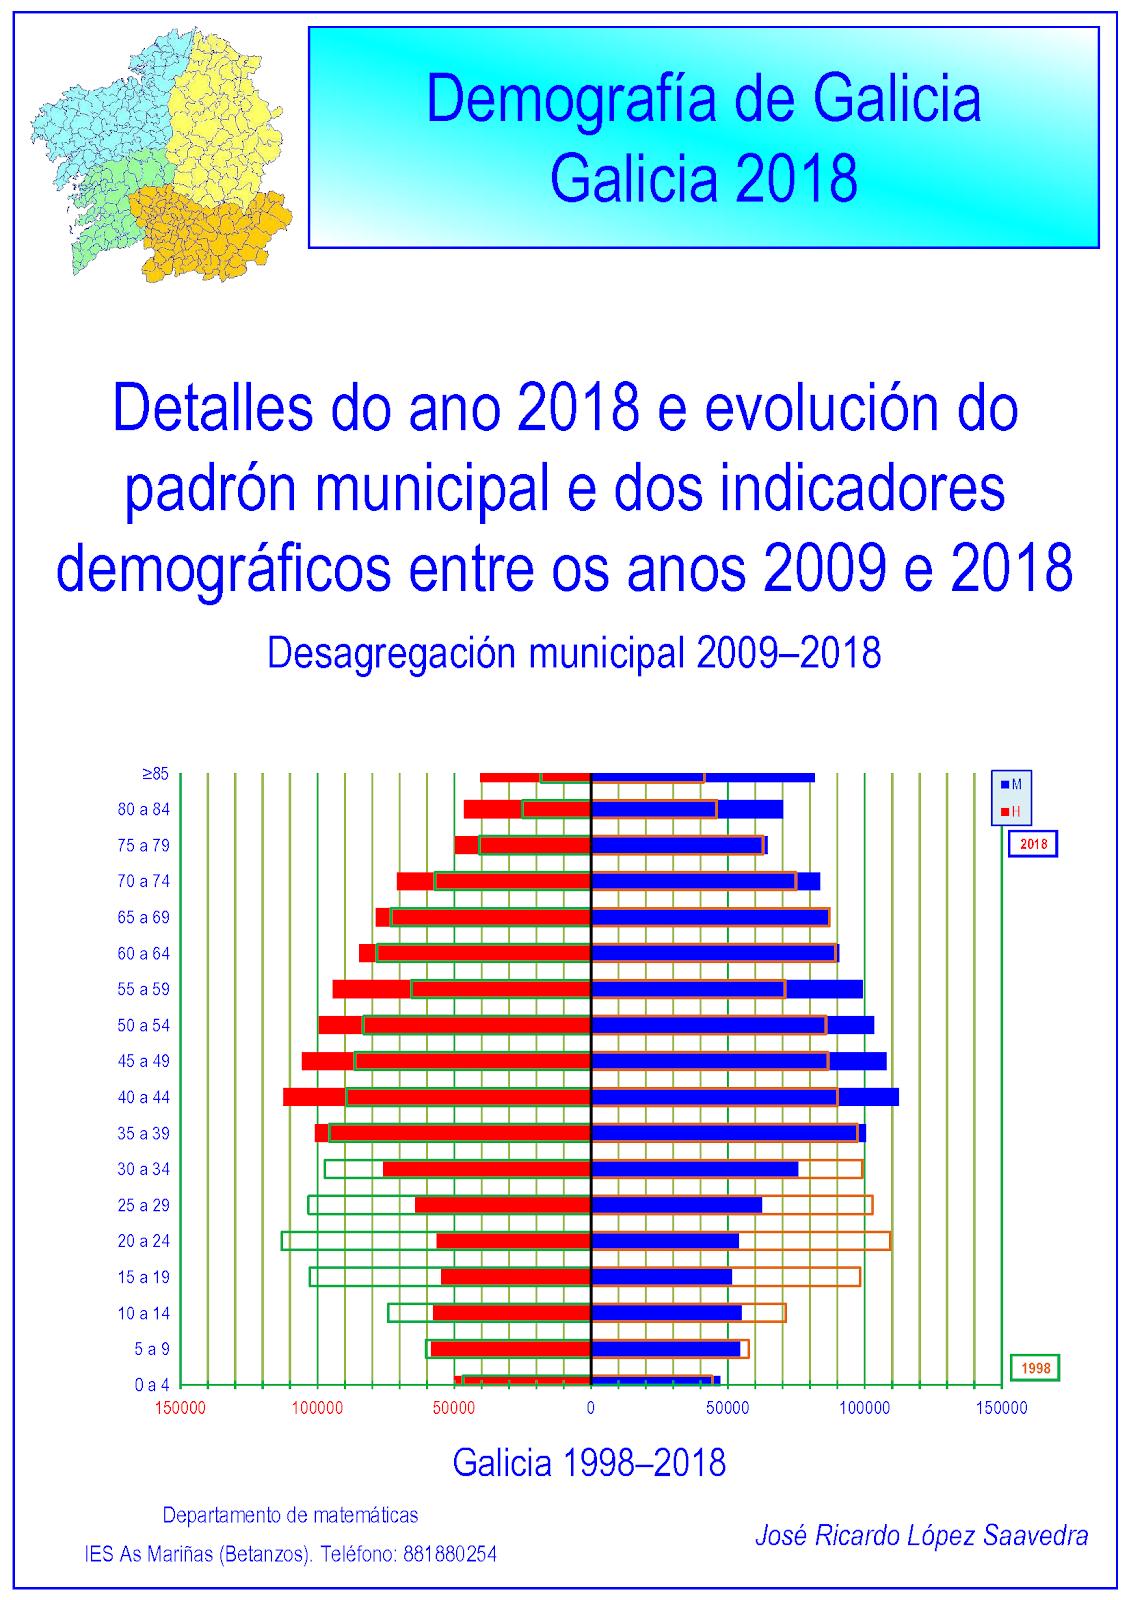 Galicia: demografía 2018